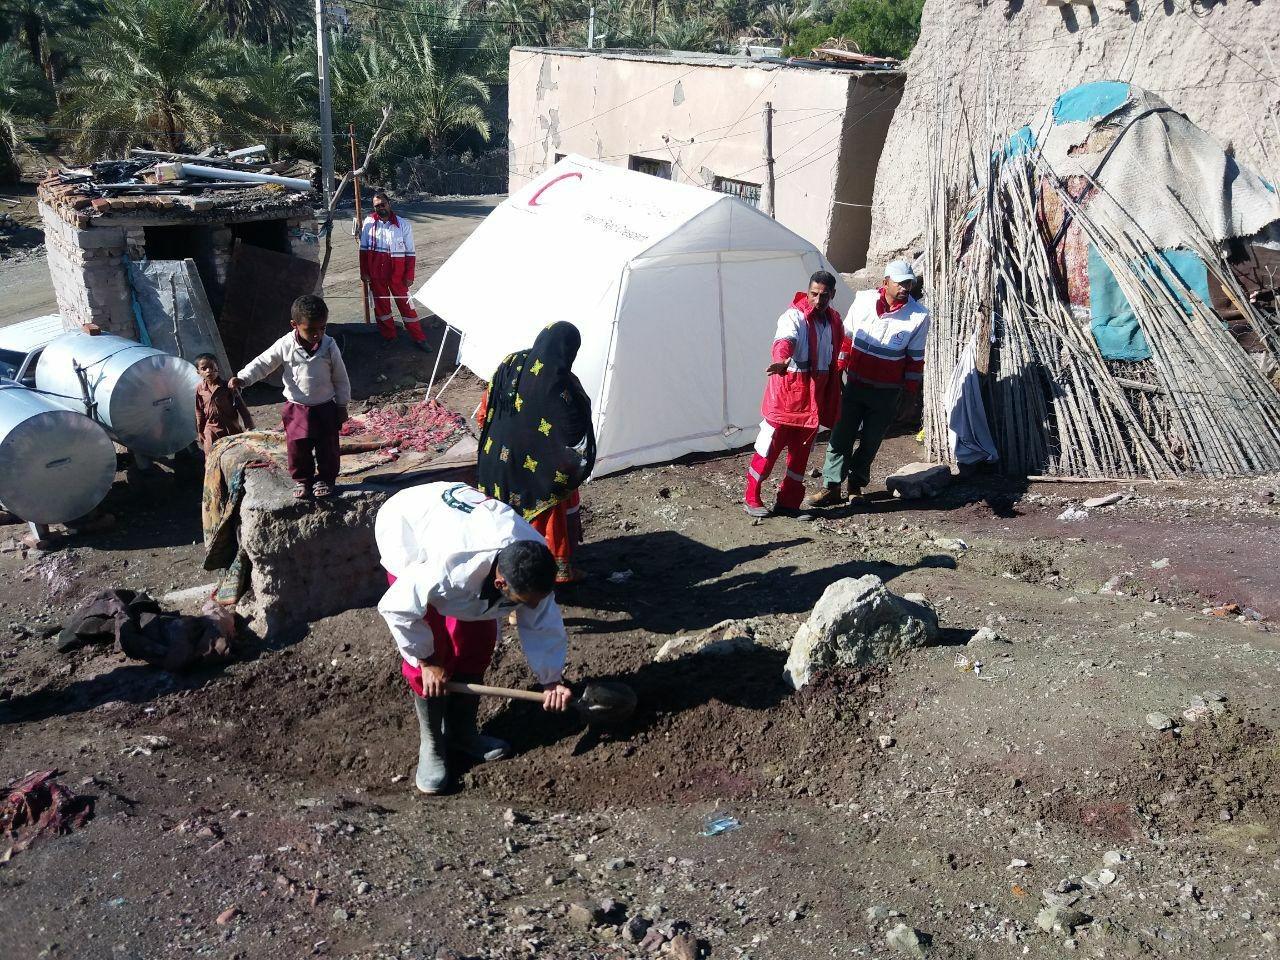 تداوم امداد رسانی به آسیب دیدگان سیل جنوب سیستان و بلوچستان